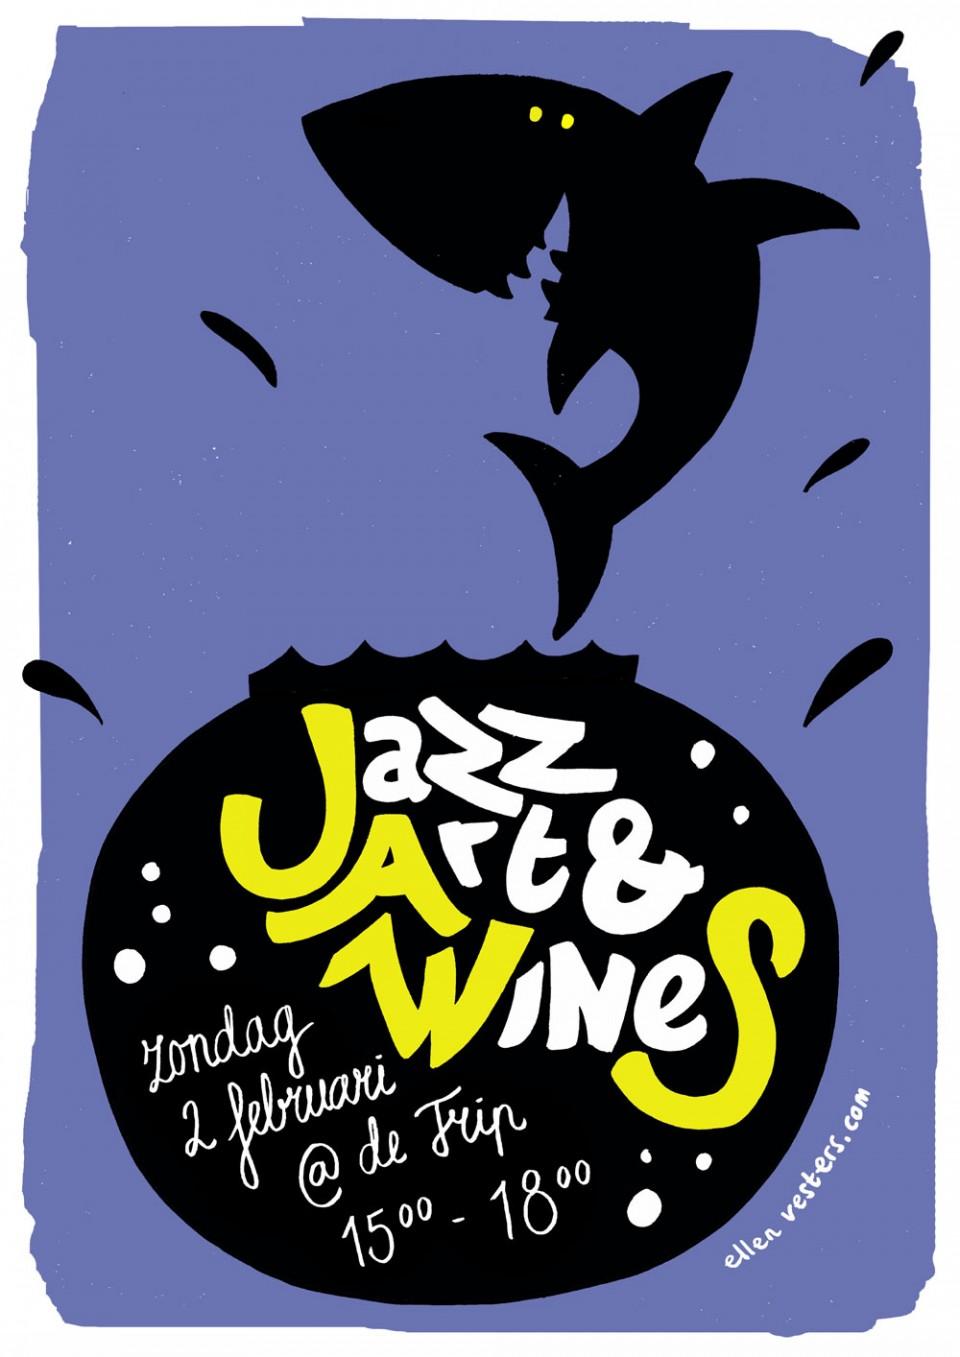 JAWS Jazz Art WineS Festival in Utrecht - poster design by Ellen Vesters